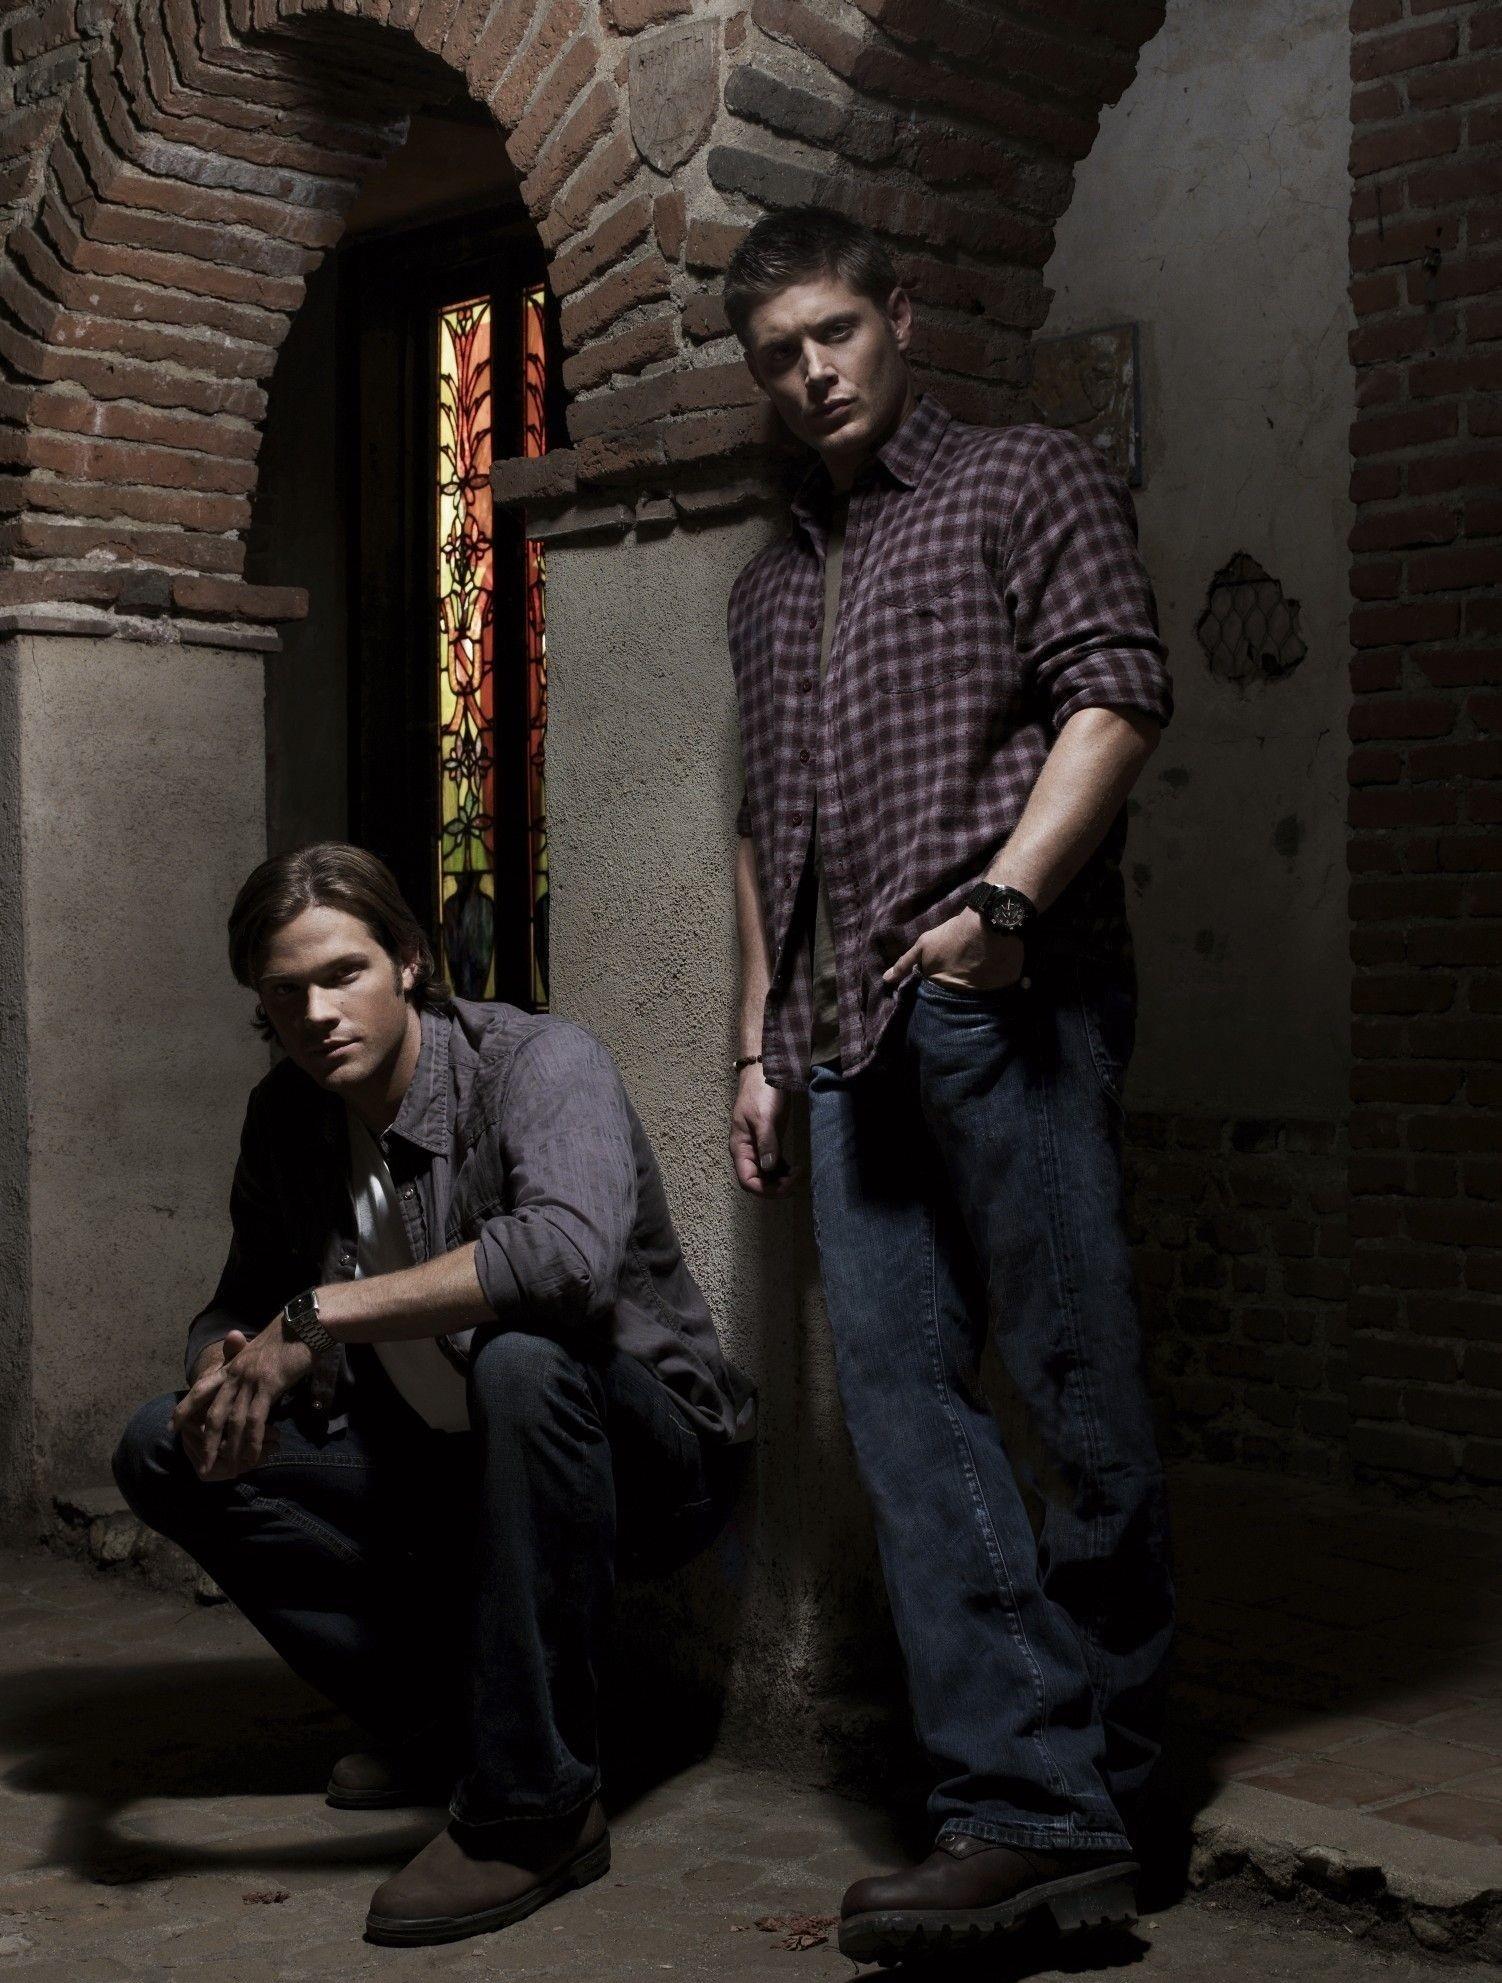 Supernatural – Jensen Ackles & Jared Padalecki – love this pic of them